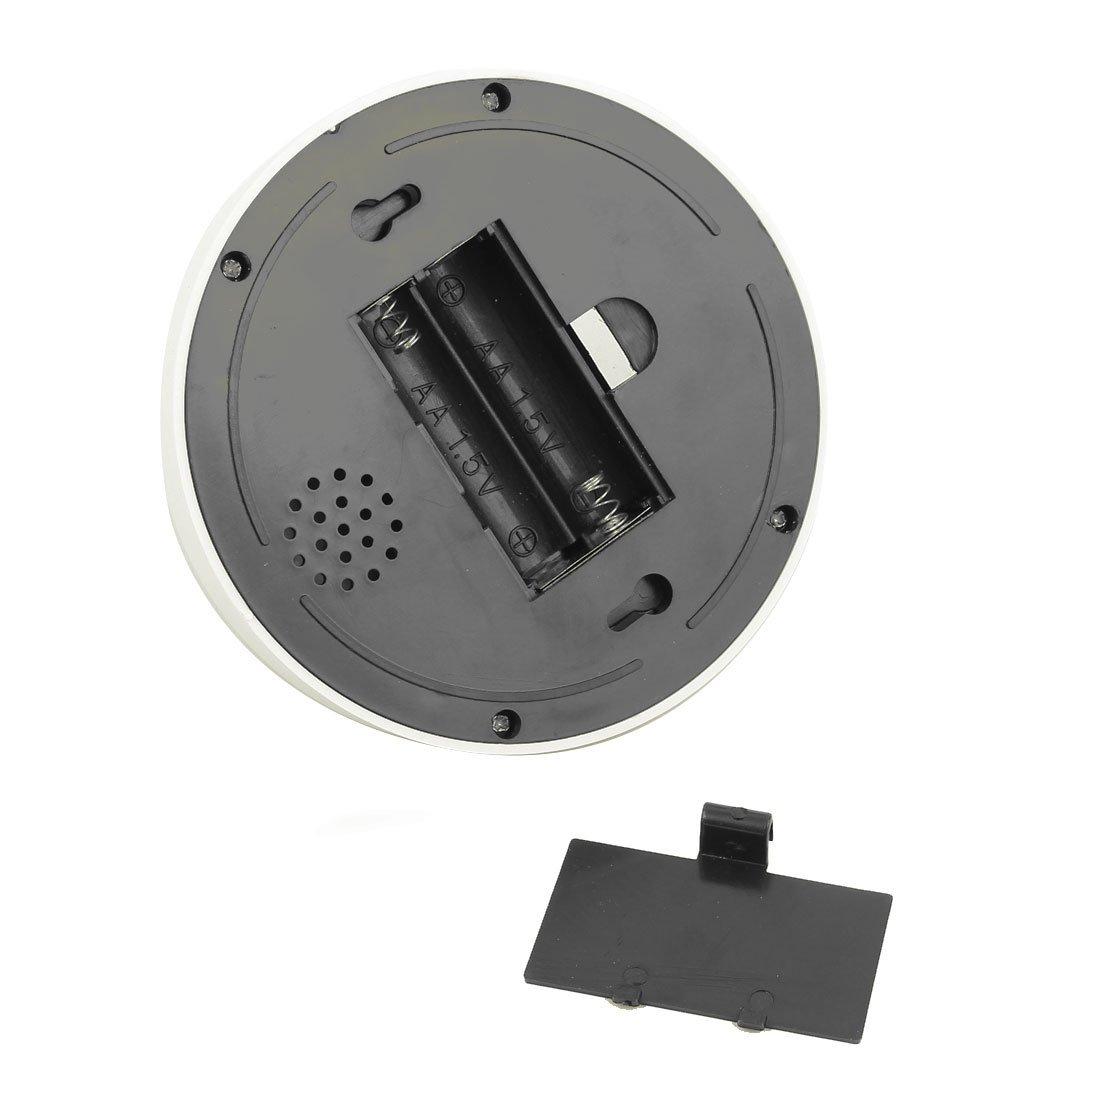 Amazon.com: eDealMax falso cámara de vigilancia de seguridad simuladas de la bóveda w Sistema de detección de movimiento: Electronics